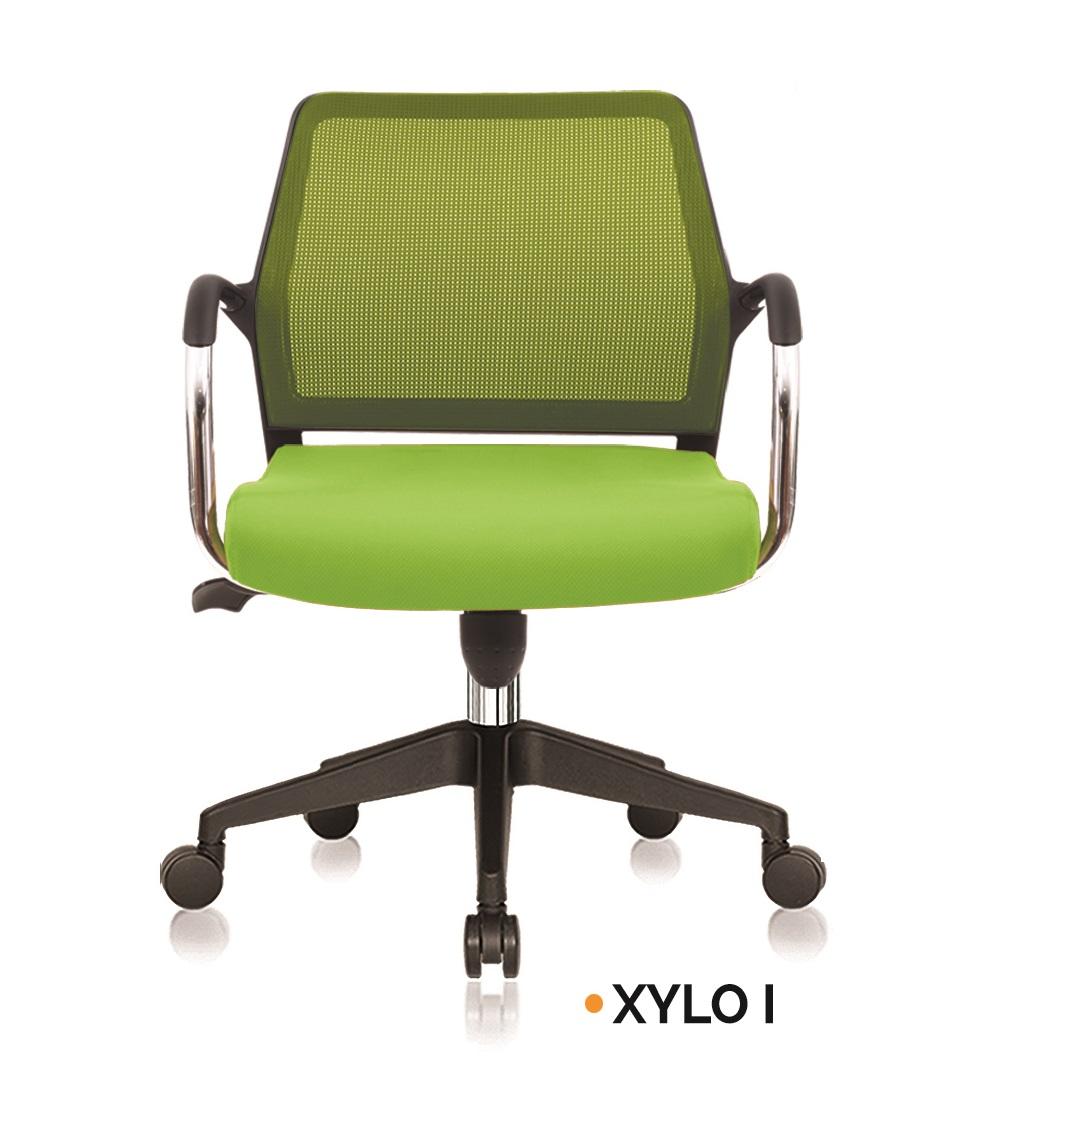 XYLO I